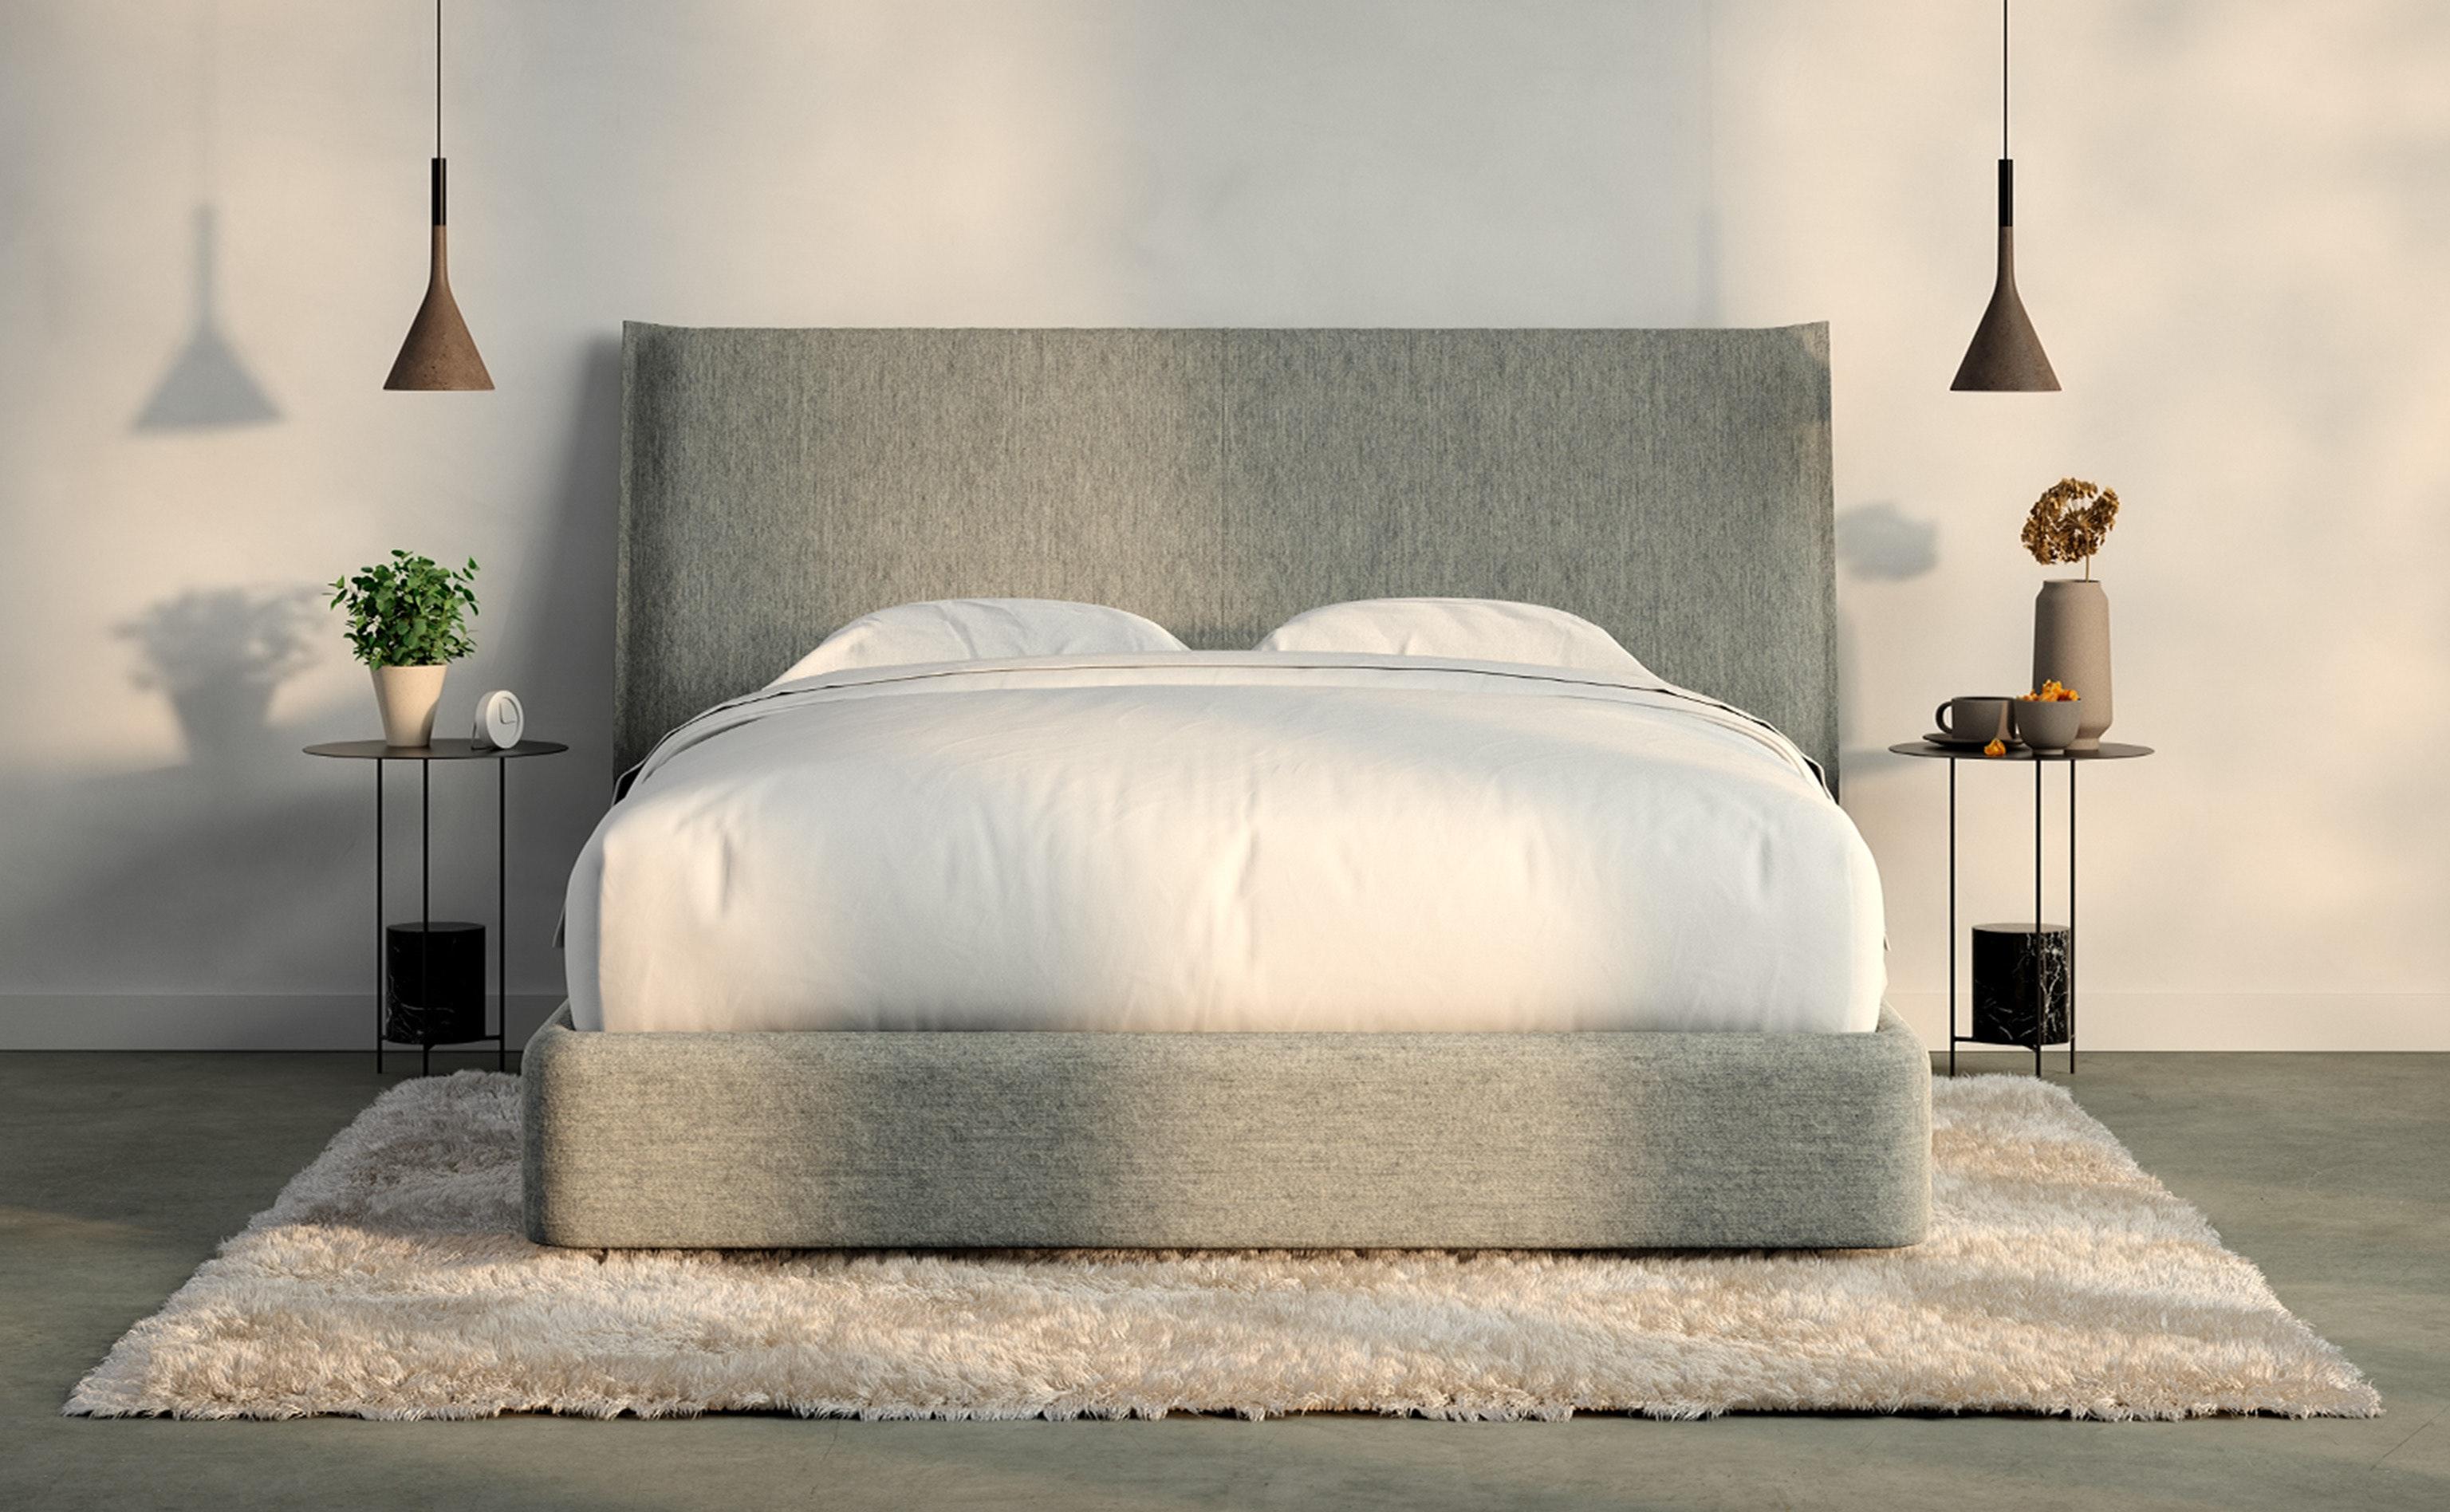 Casper Haven Upholstered Bed Frame And Headboard Casper